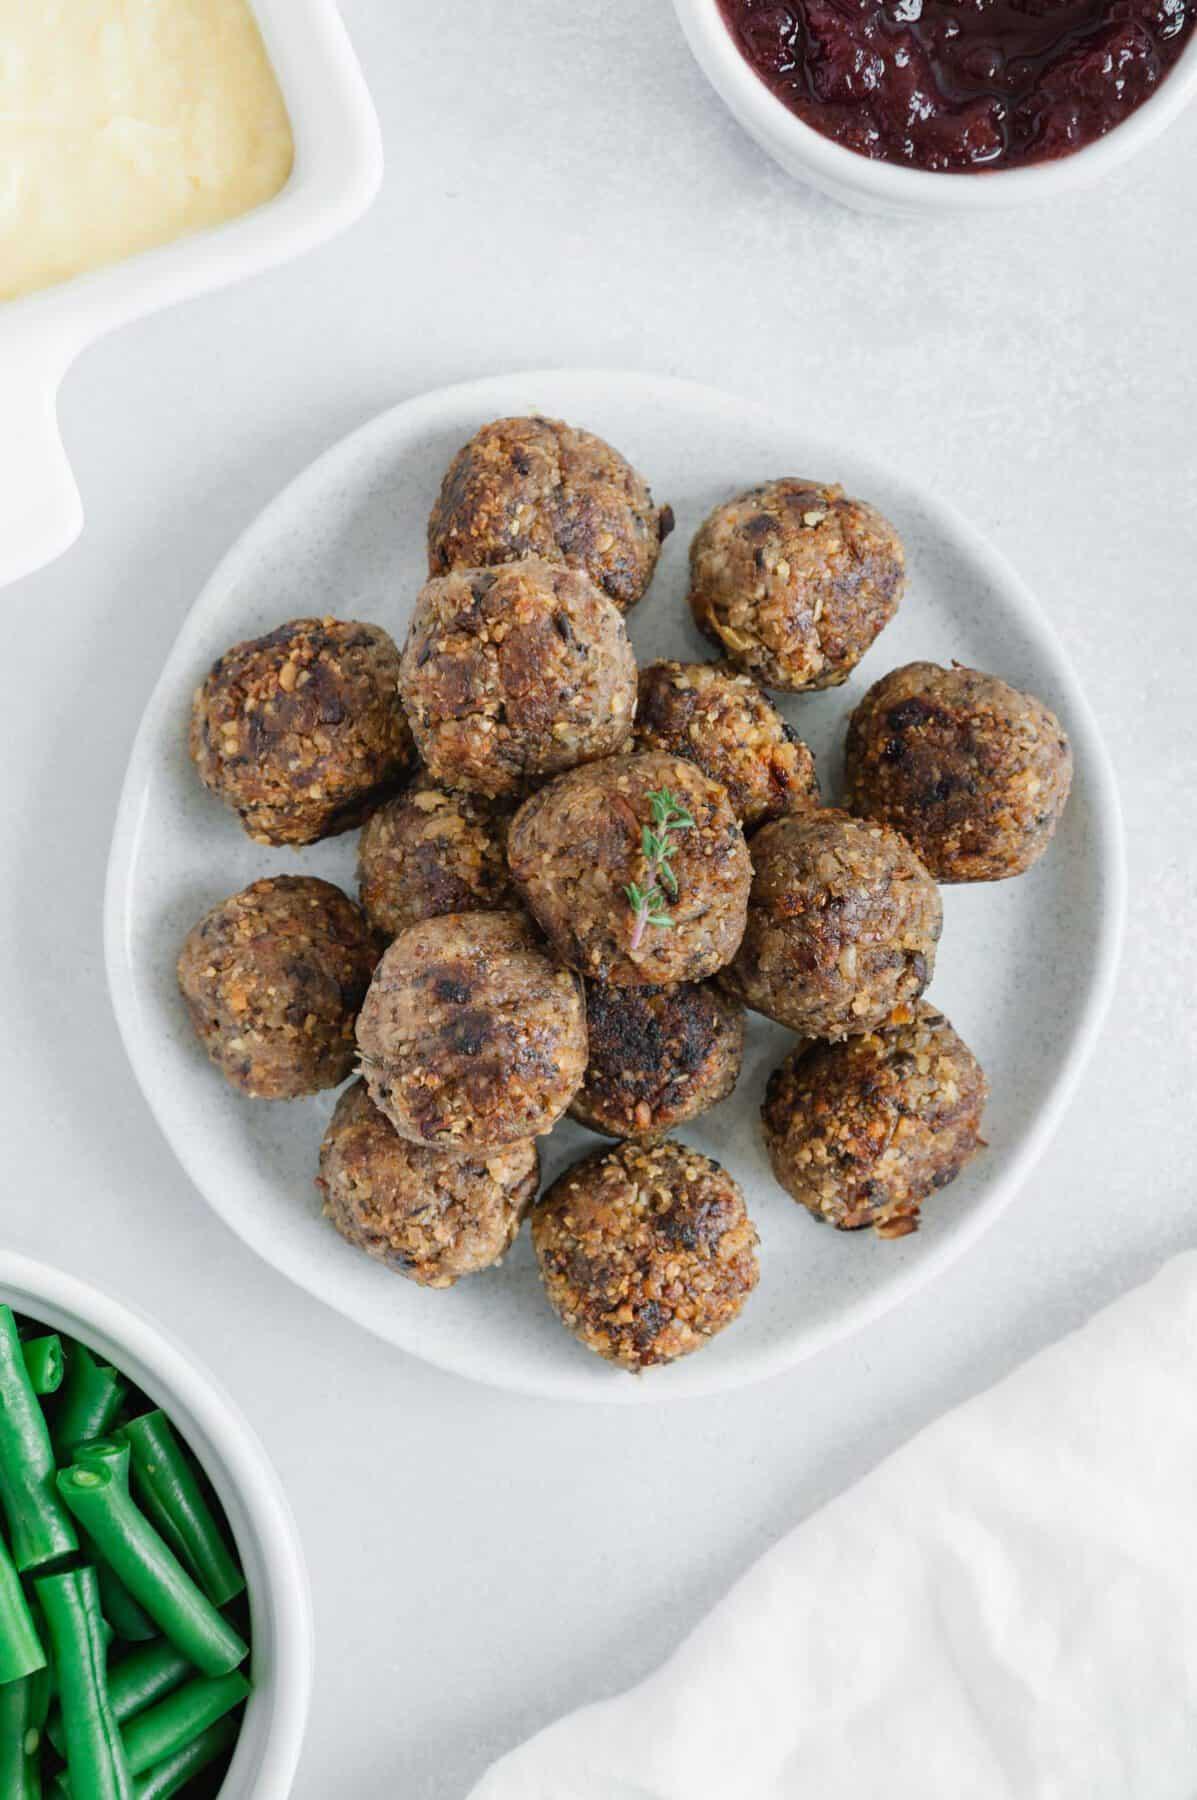 Mushroom-Walnut Balls